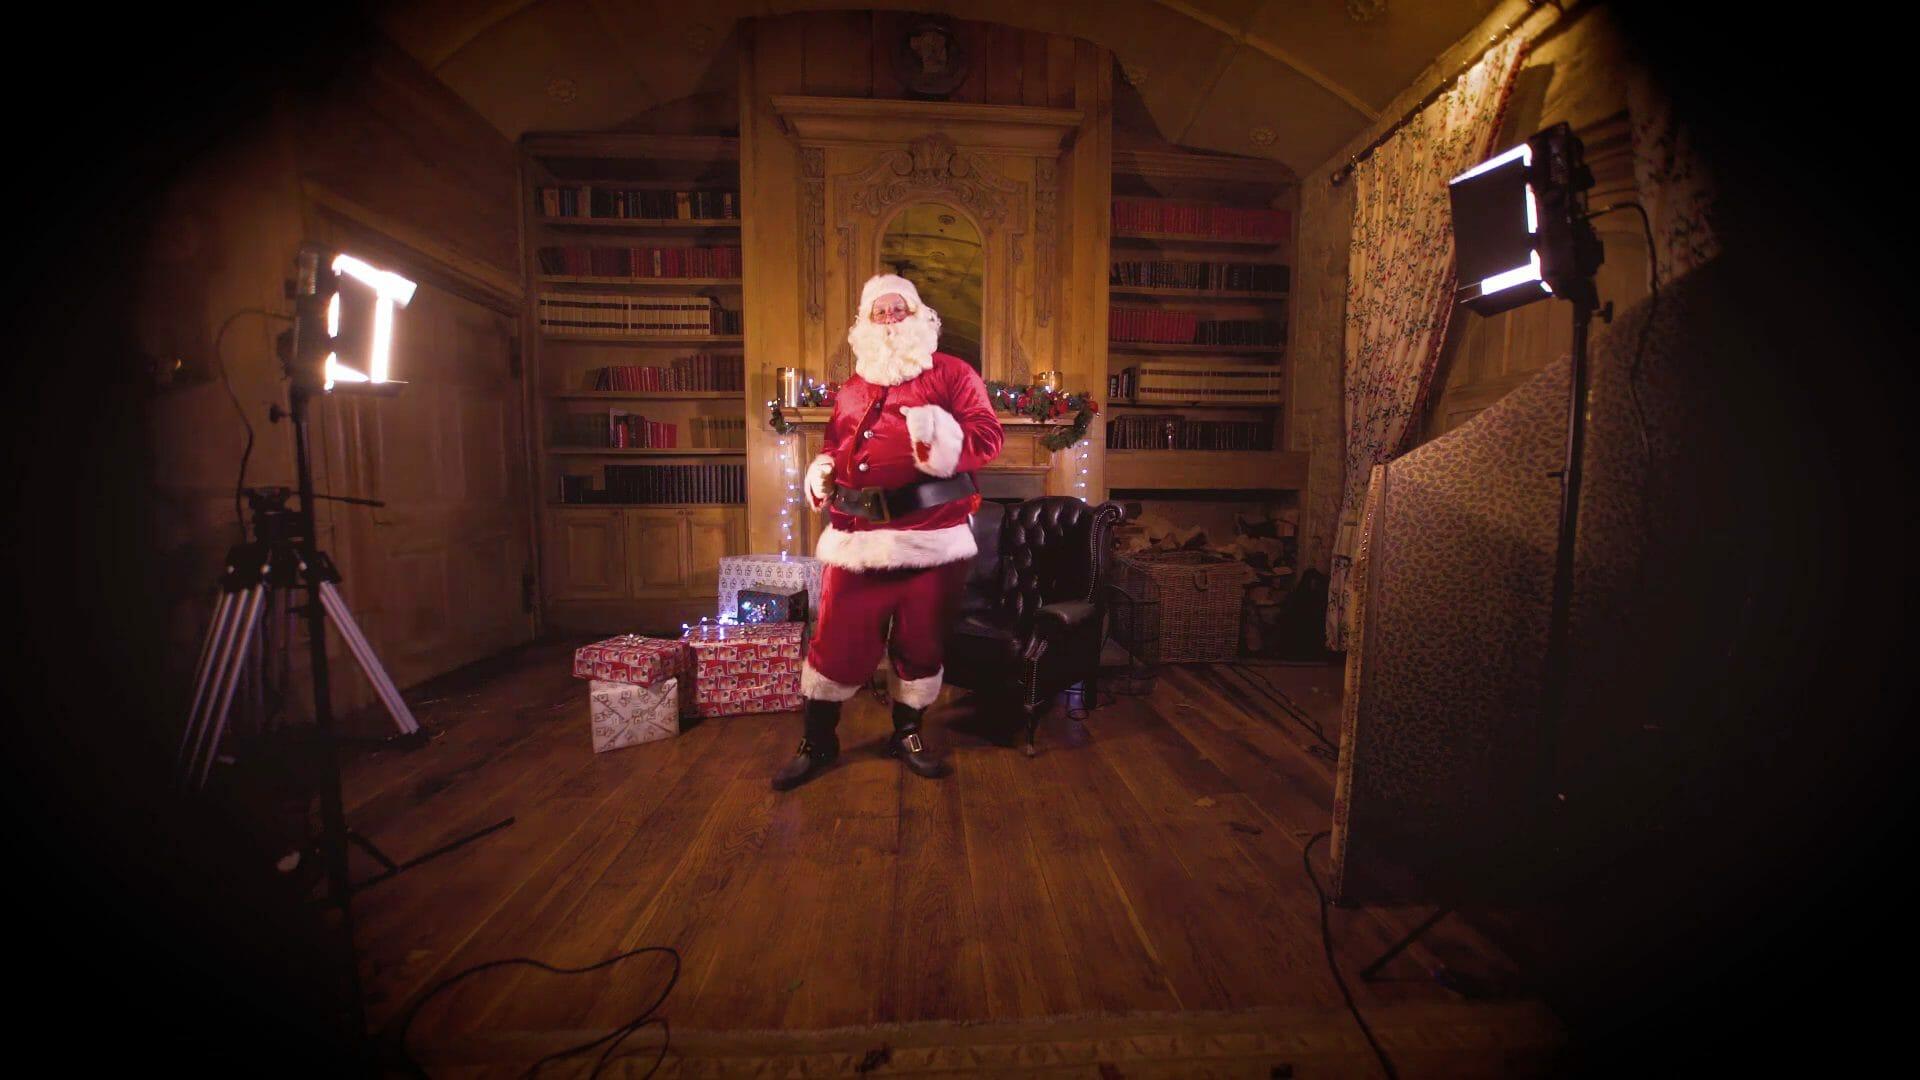 Orangeworks Santa Claus dancing